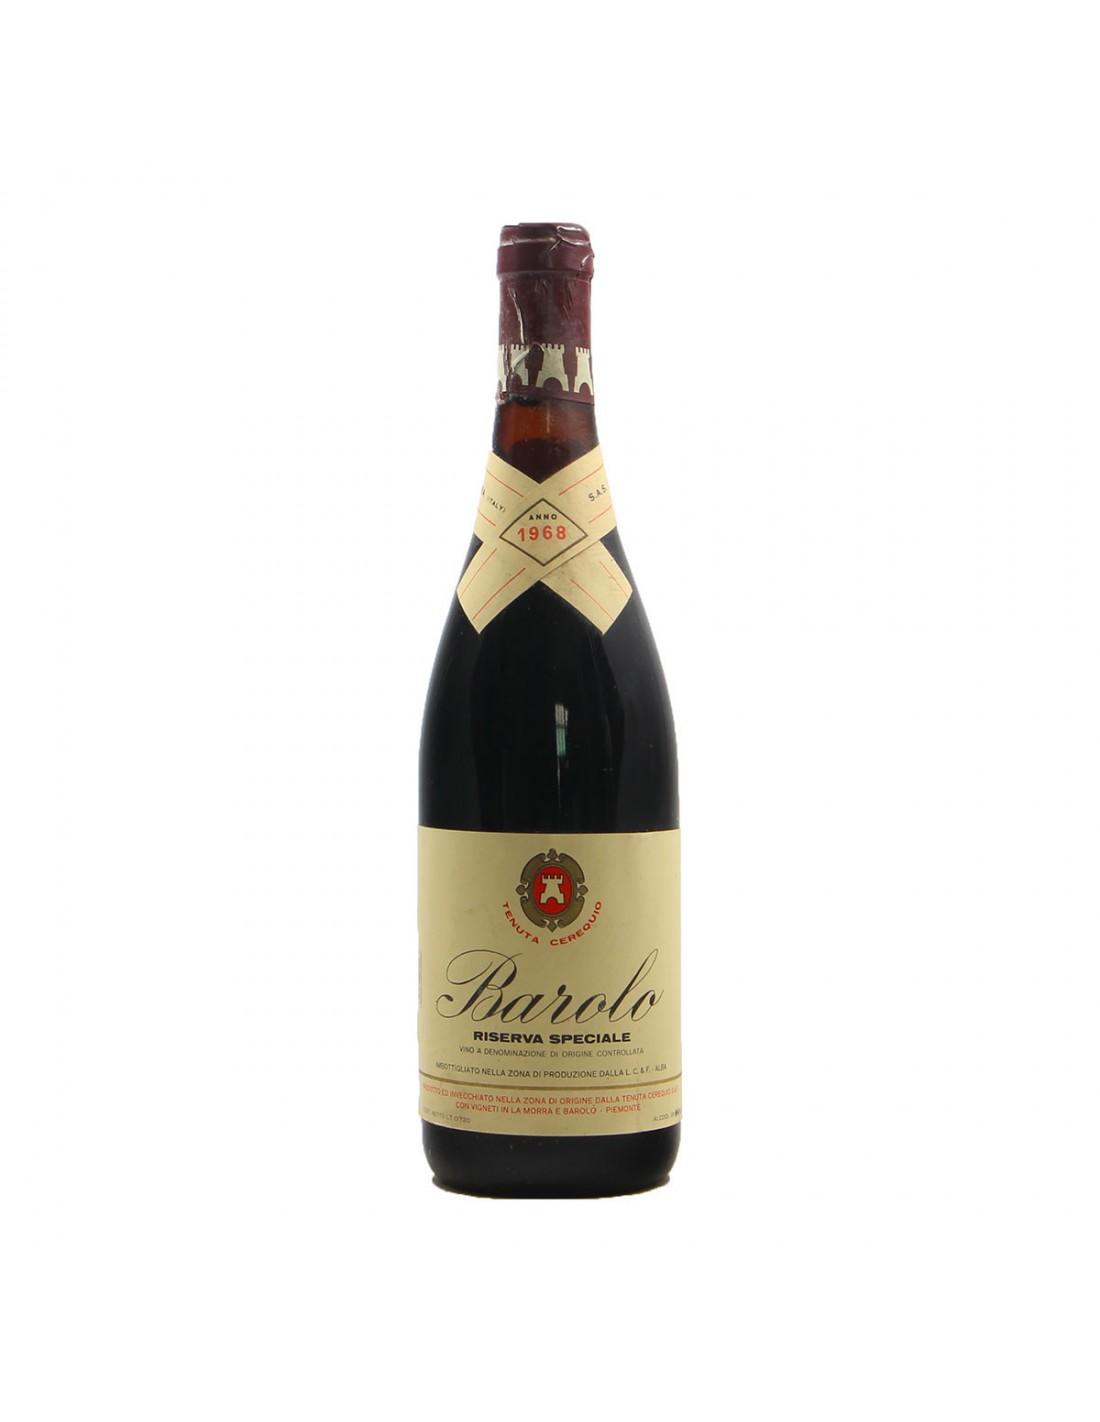 BAROLO RISERVA SPECIALE 1968 TENUTA CEREQUIO Grandi Bottiglie